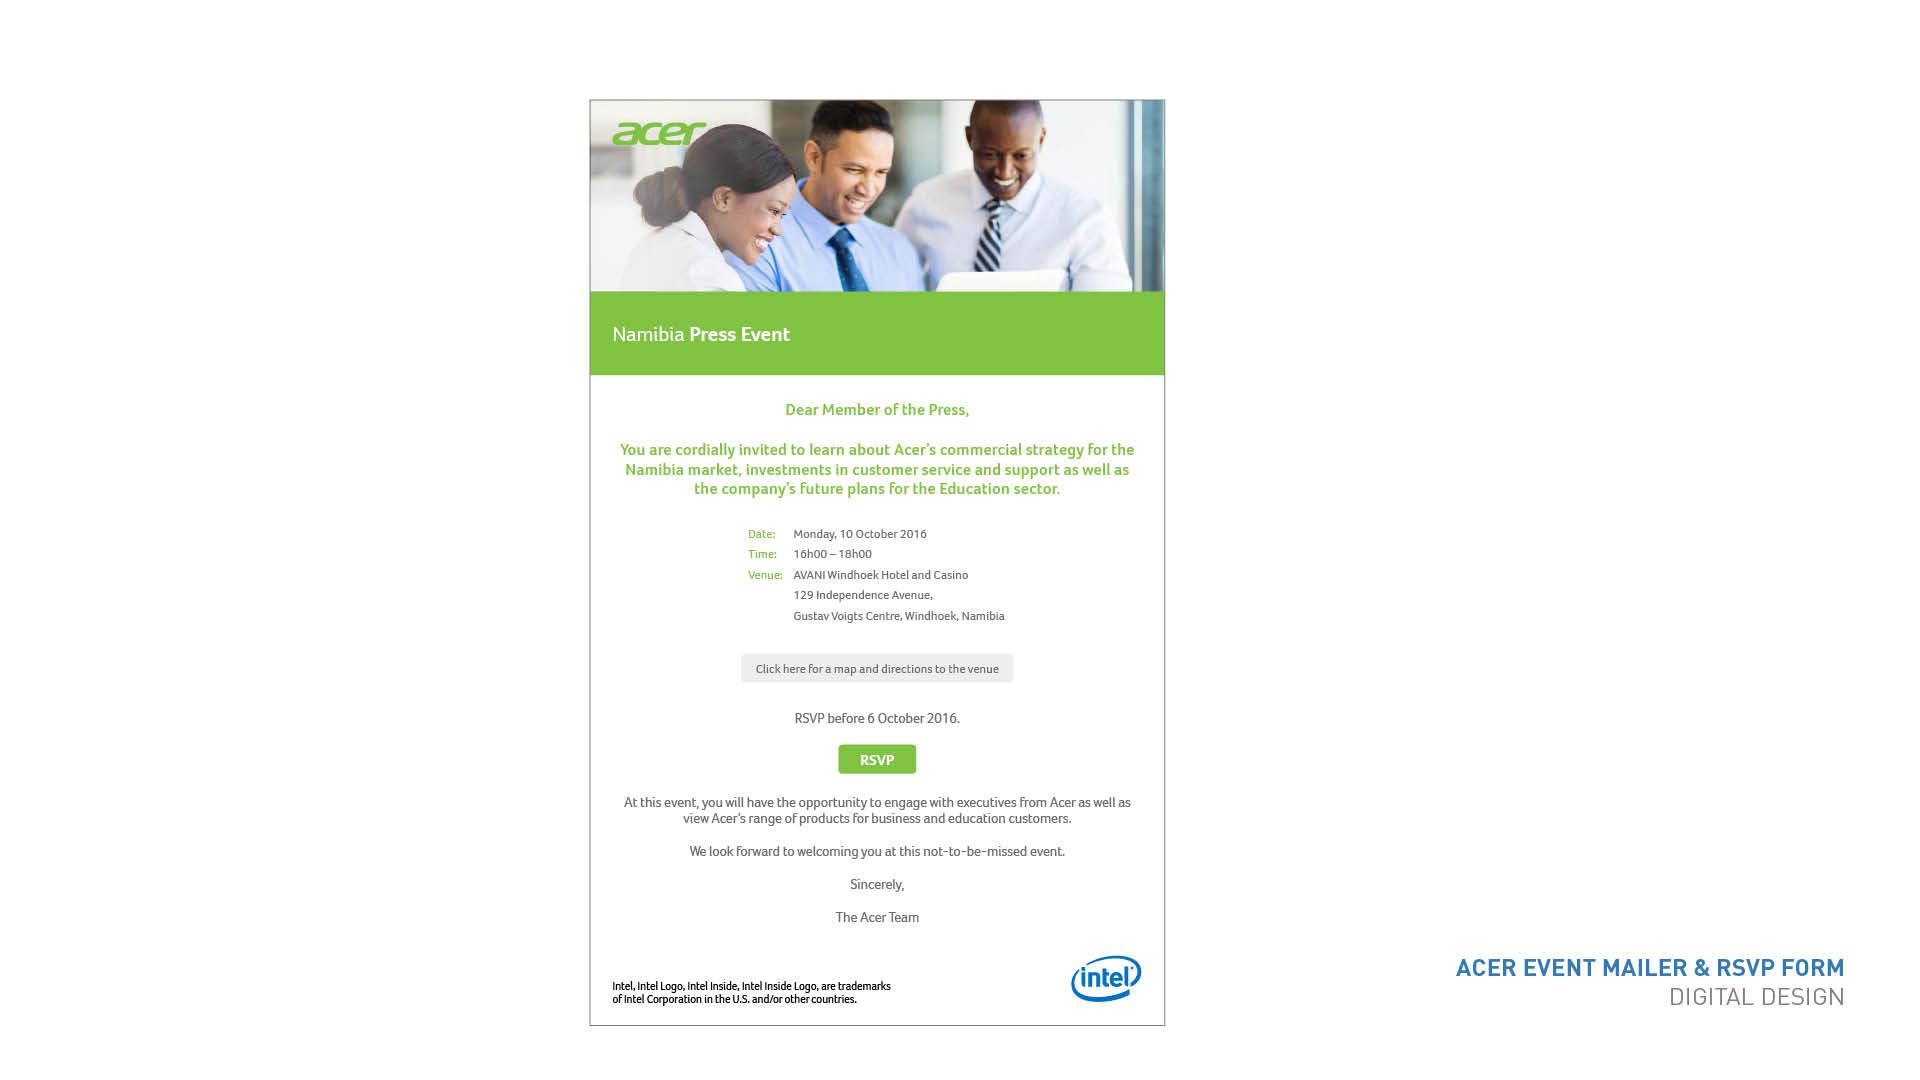 Acer emailer